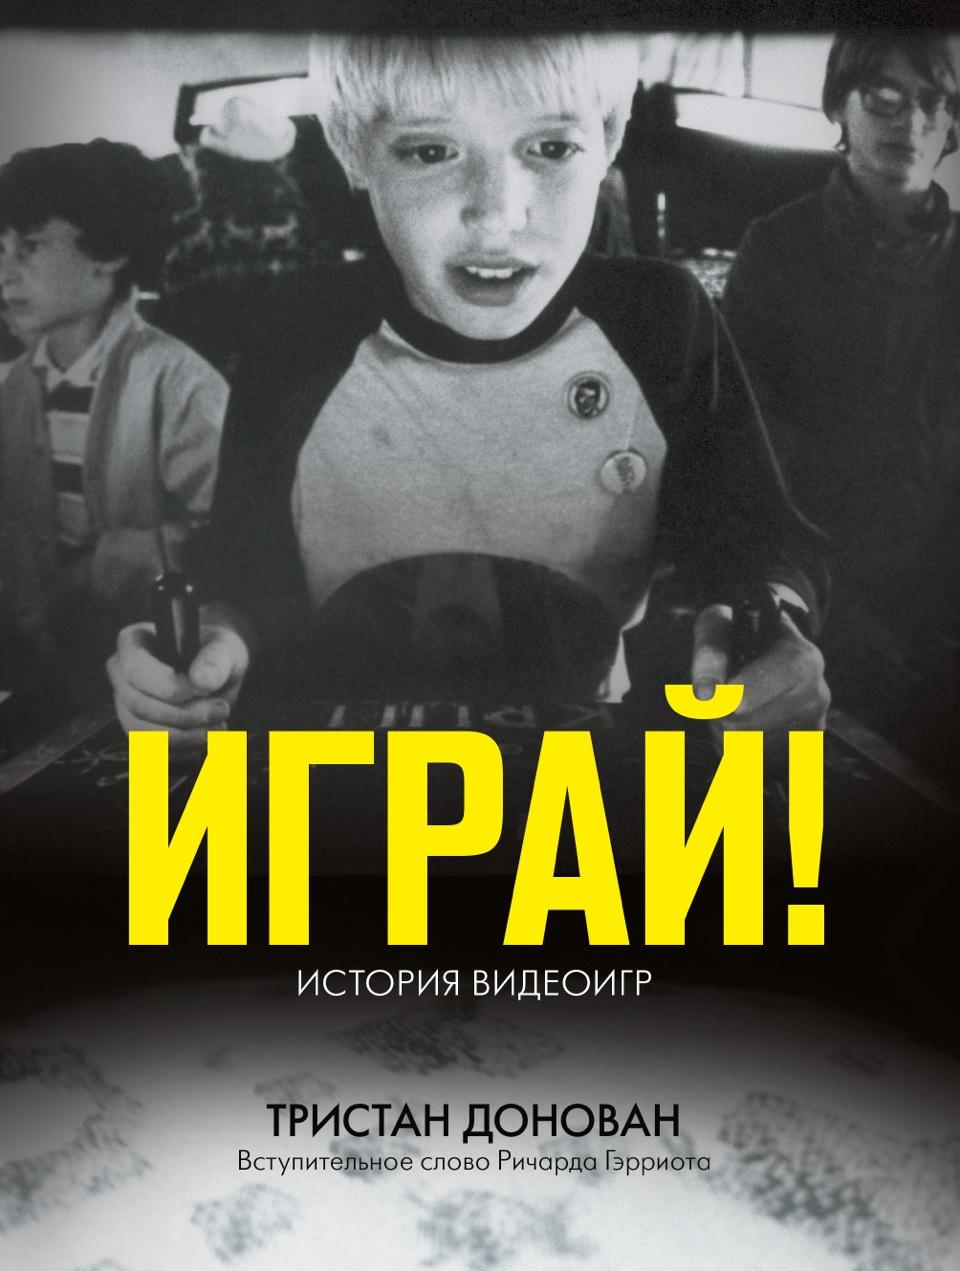 Книгу Replay об истории видеоигр переведут на русский язык через месяц - Изображение 1